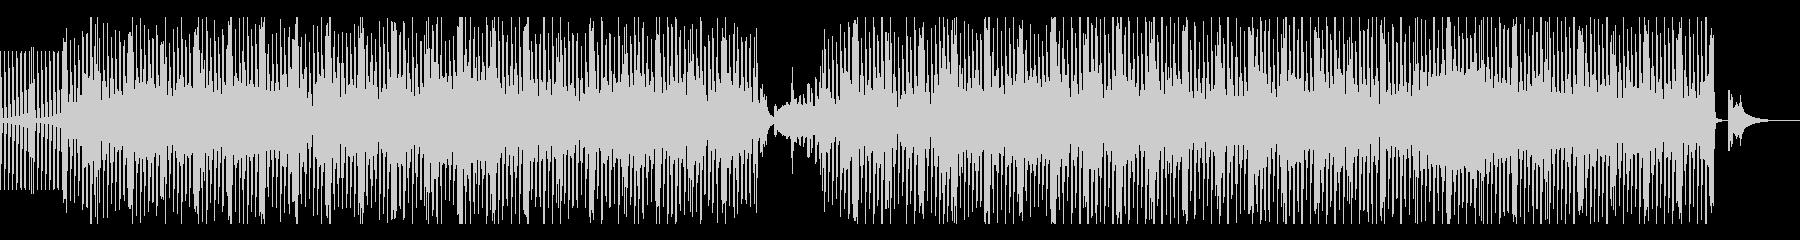 淡々とした和楽器中心のEDMの未再生の波形